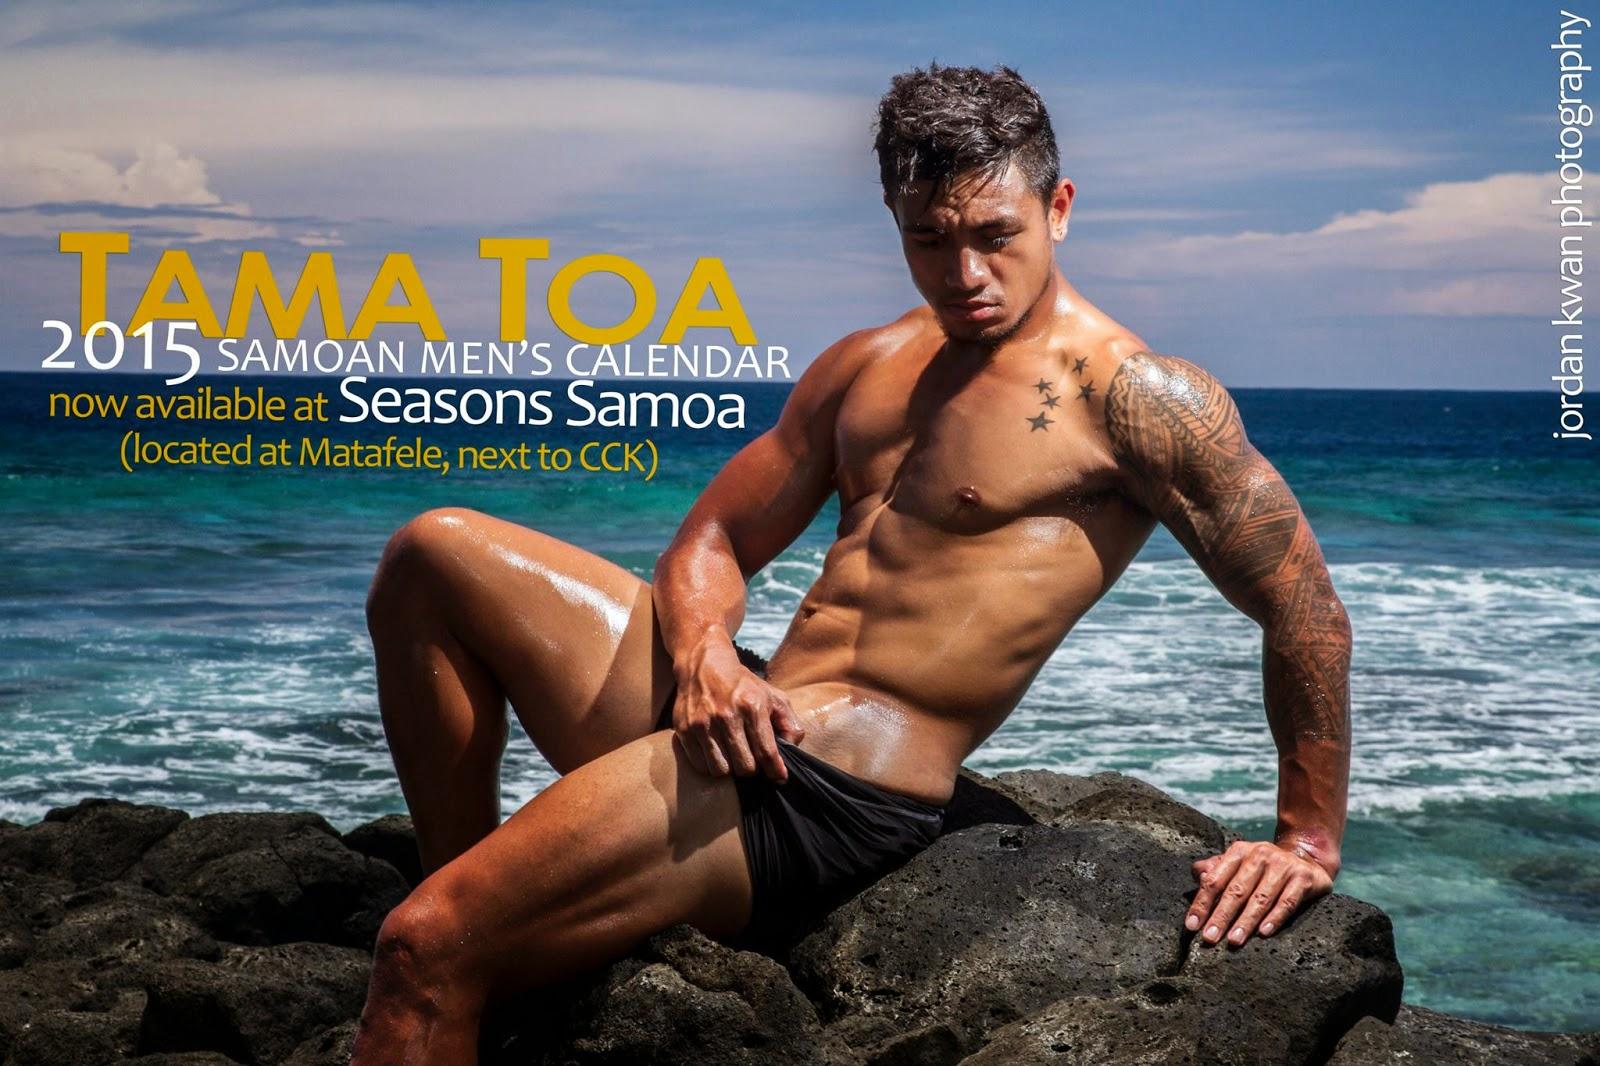 Samoan Men Dating Black Women